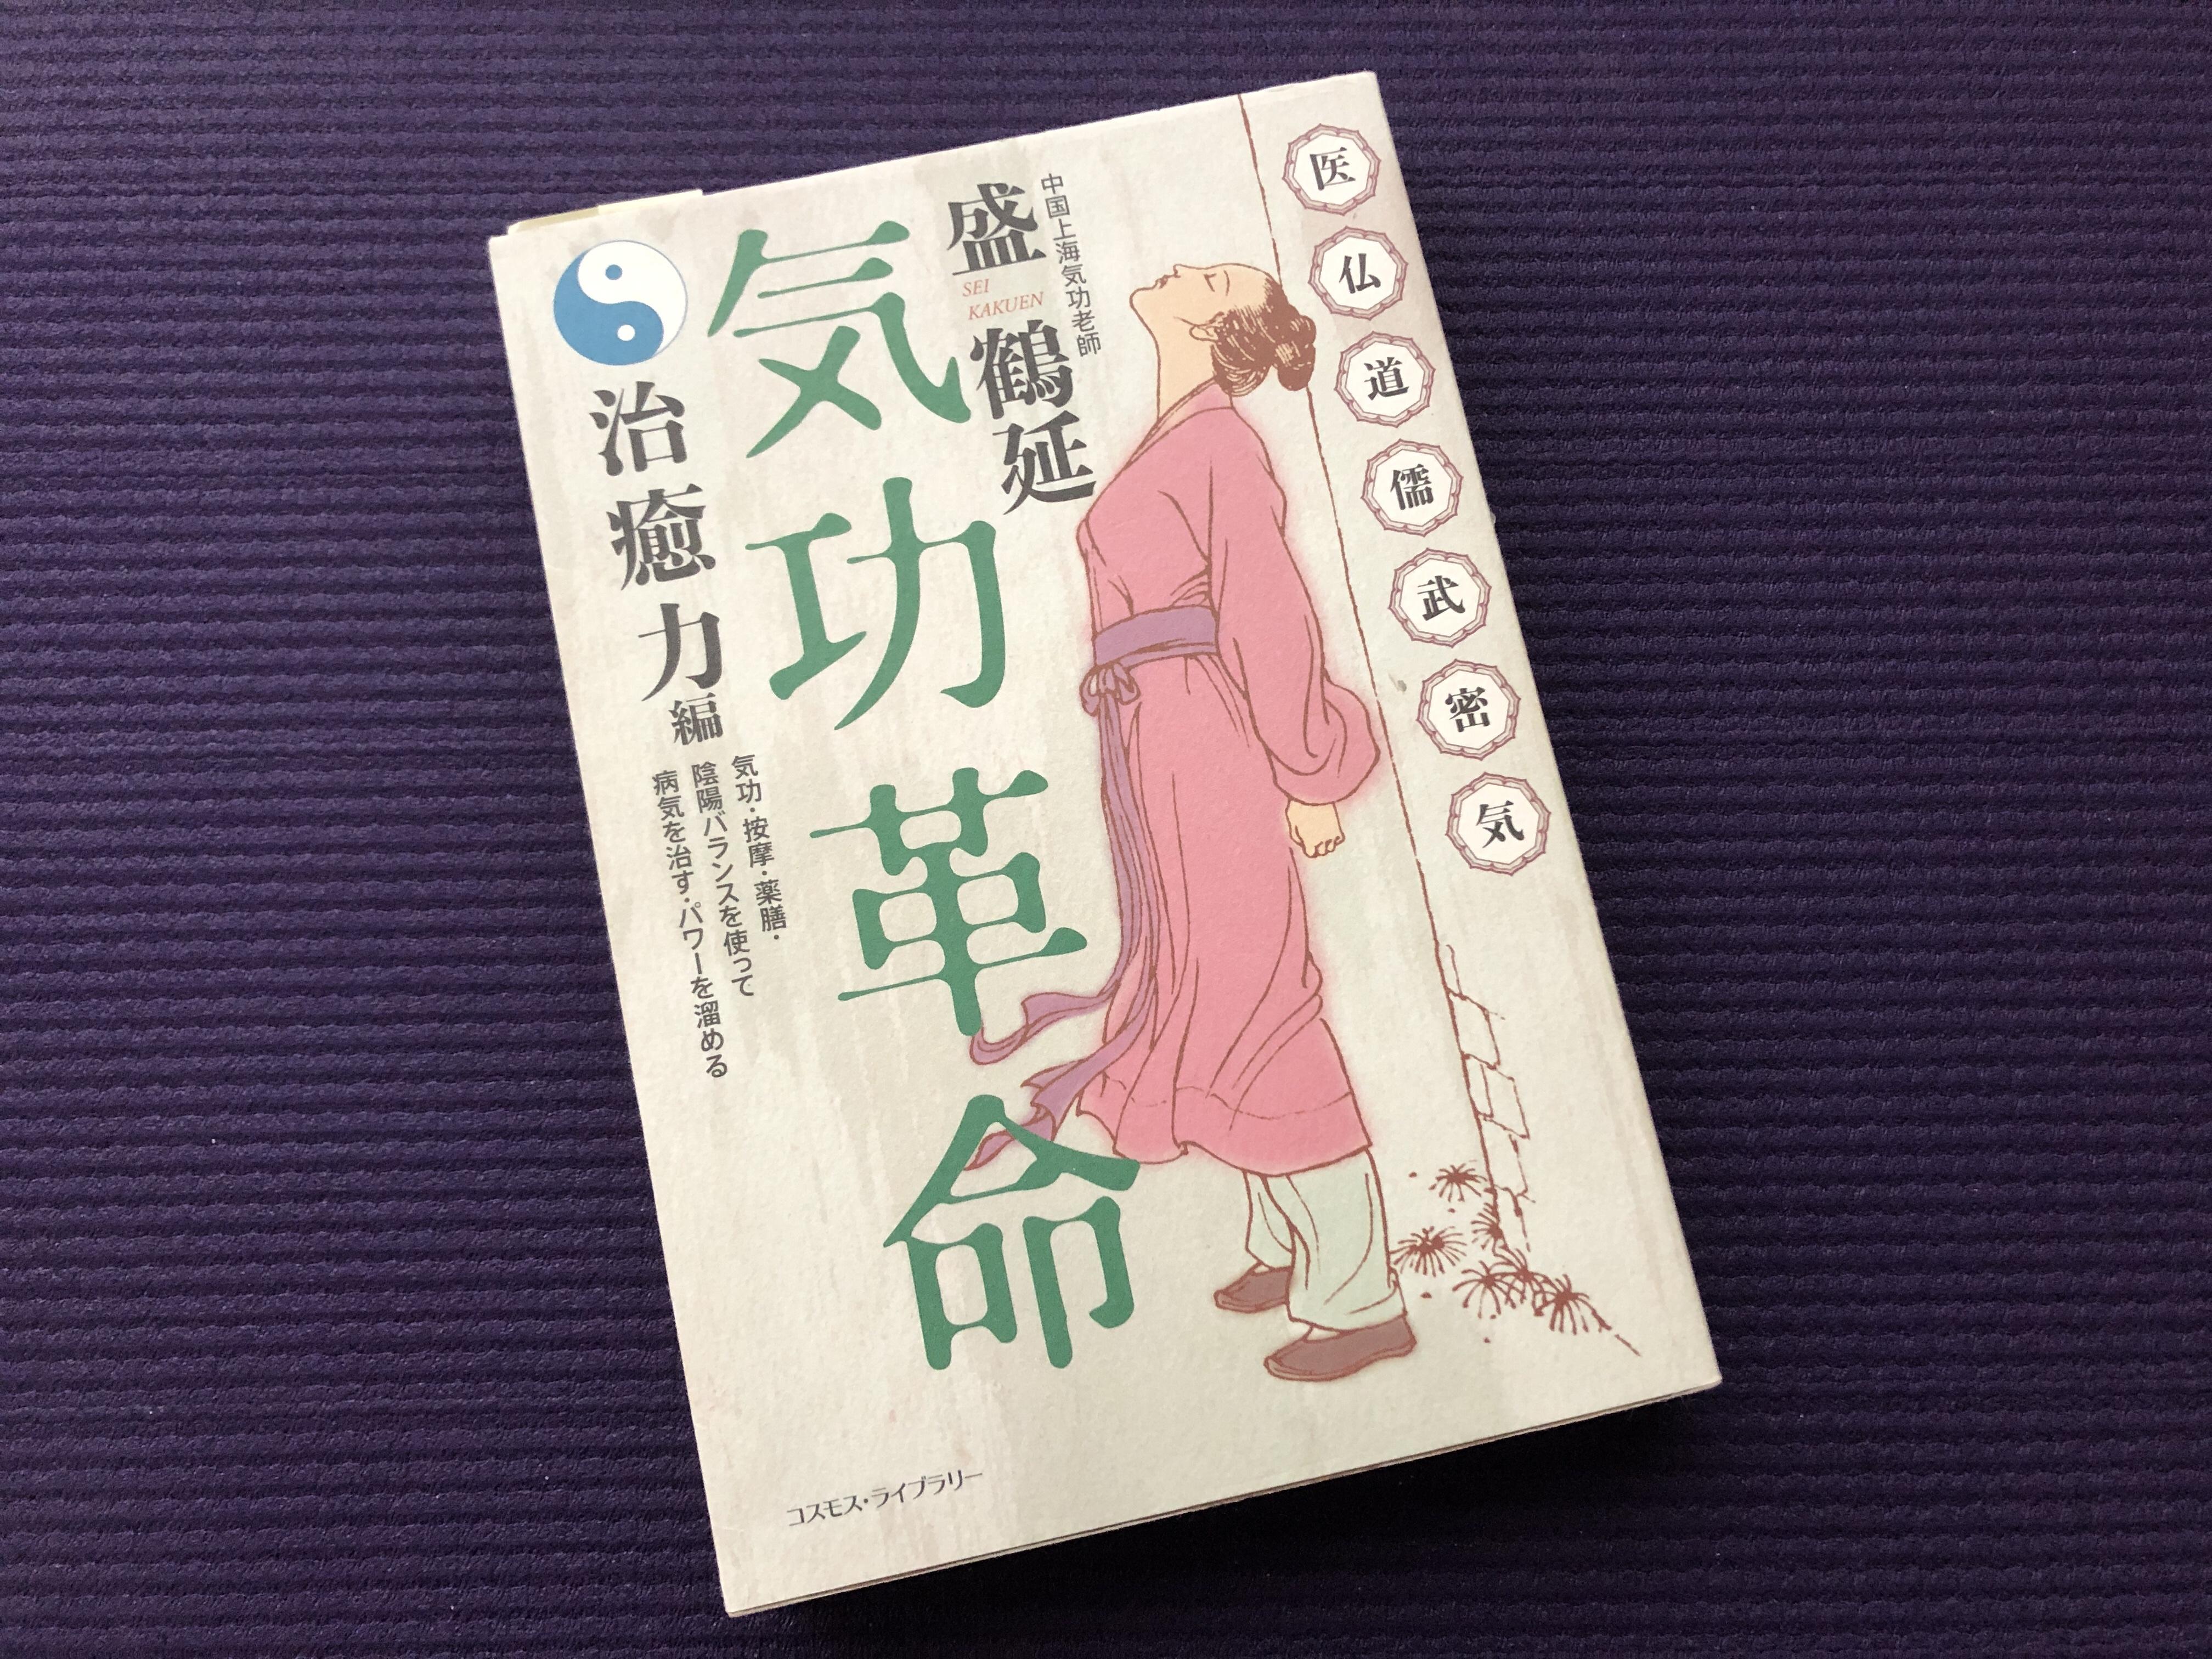 気功革命・治癒力編 書籍紹介